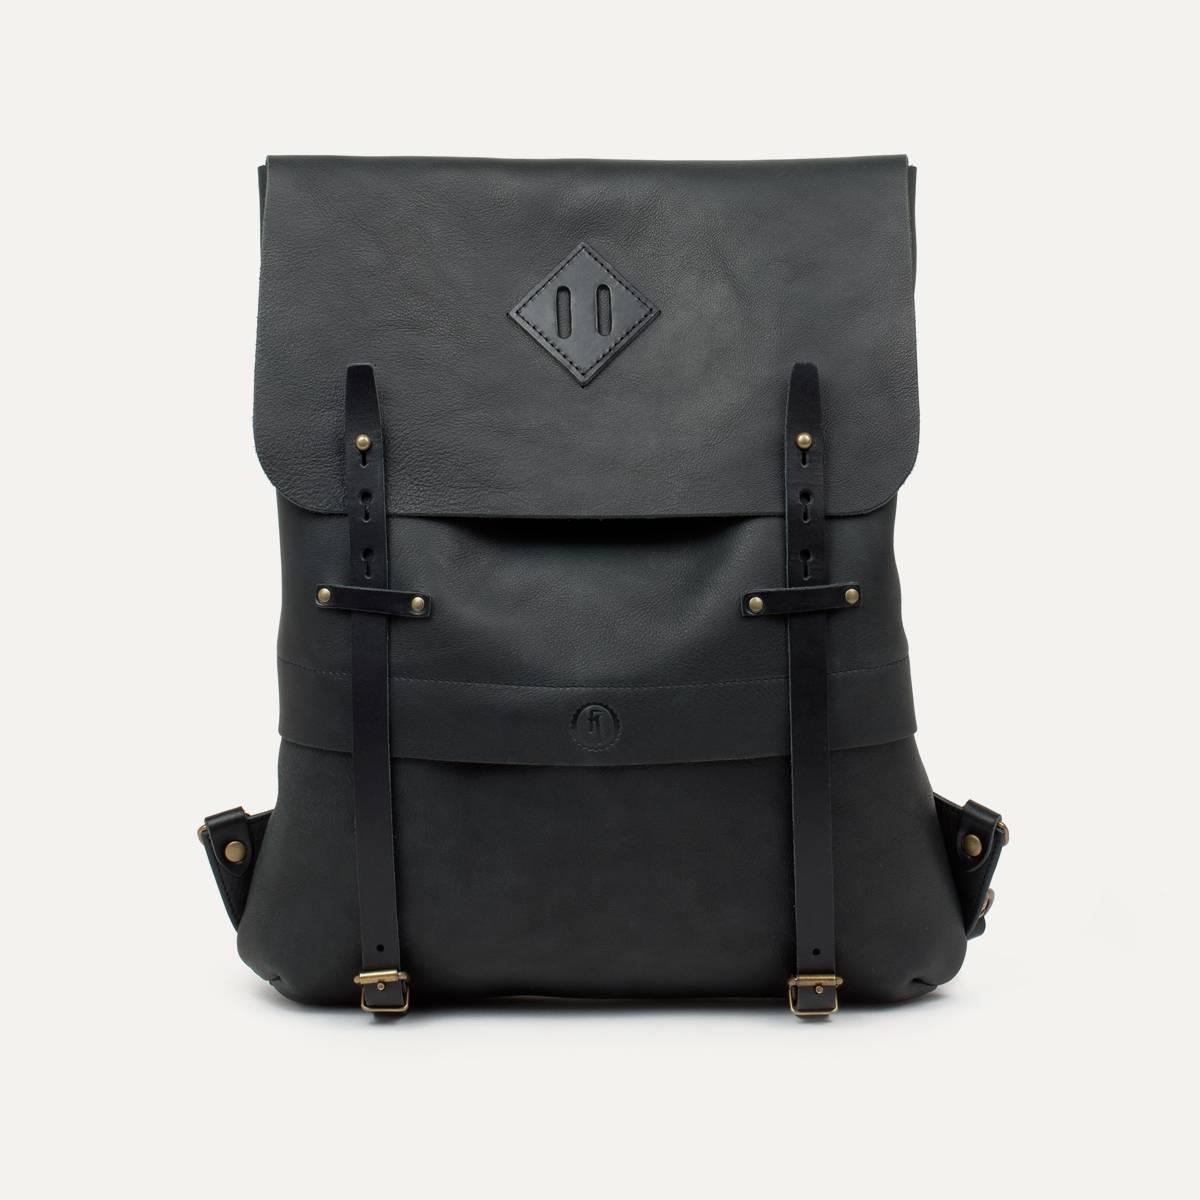 Coursier leather backpack - Black (image n°1)